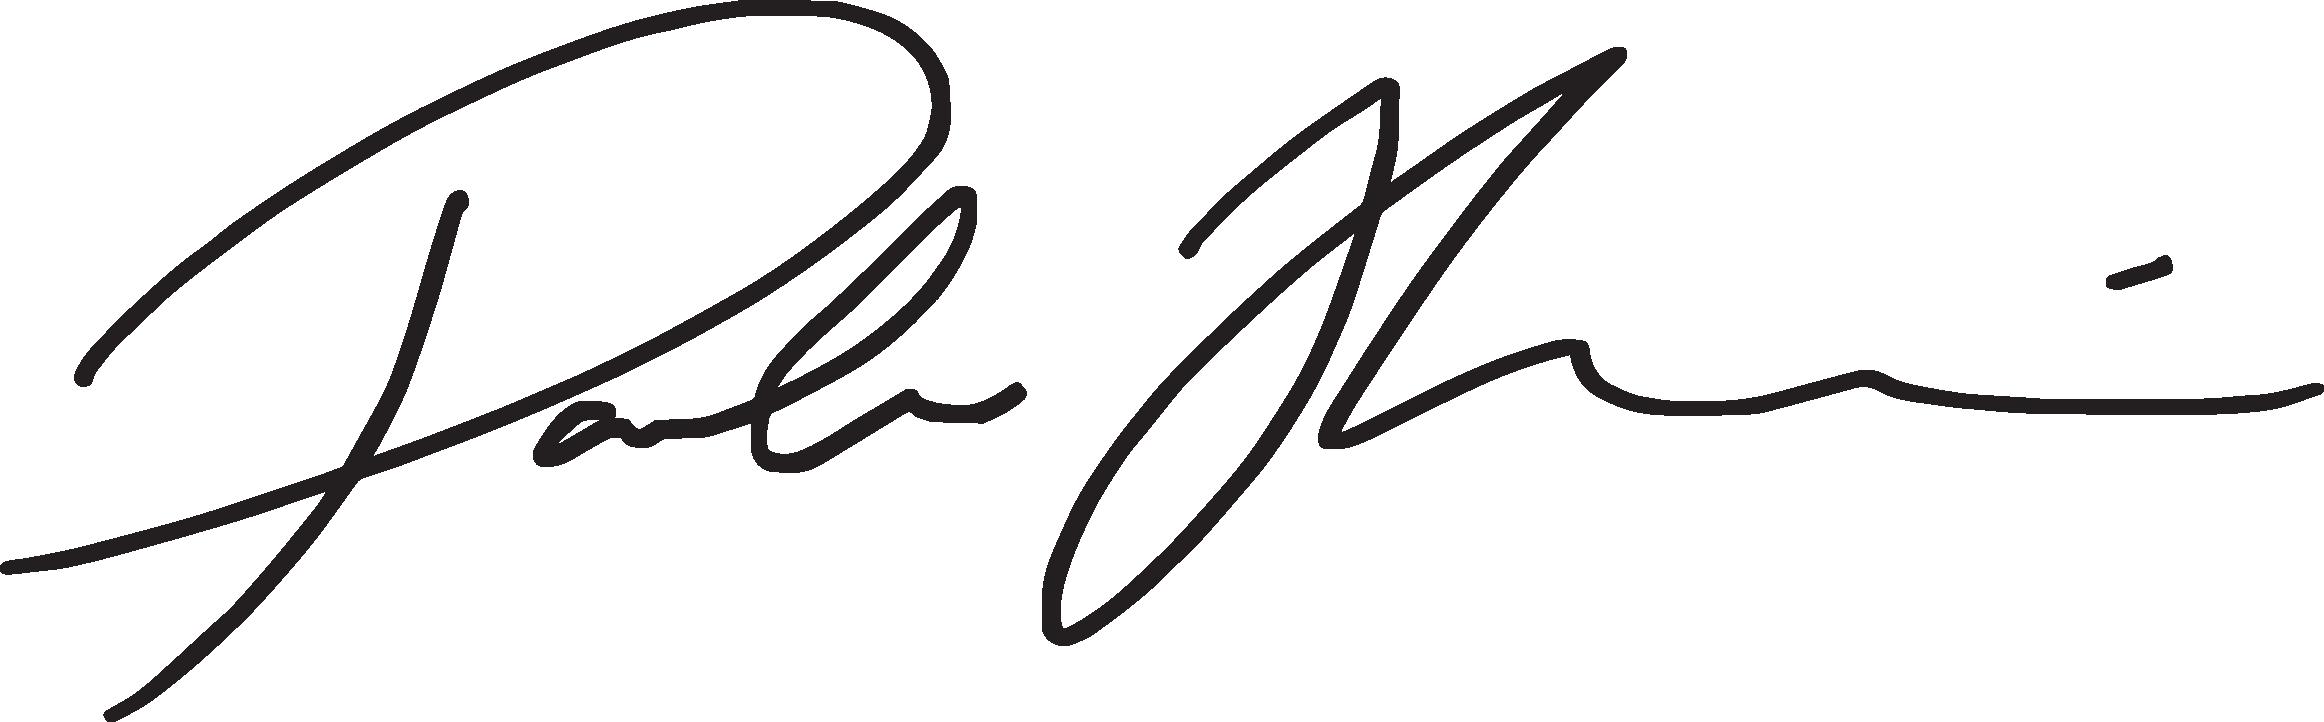 Signature Restroom